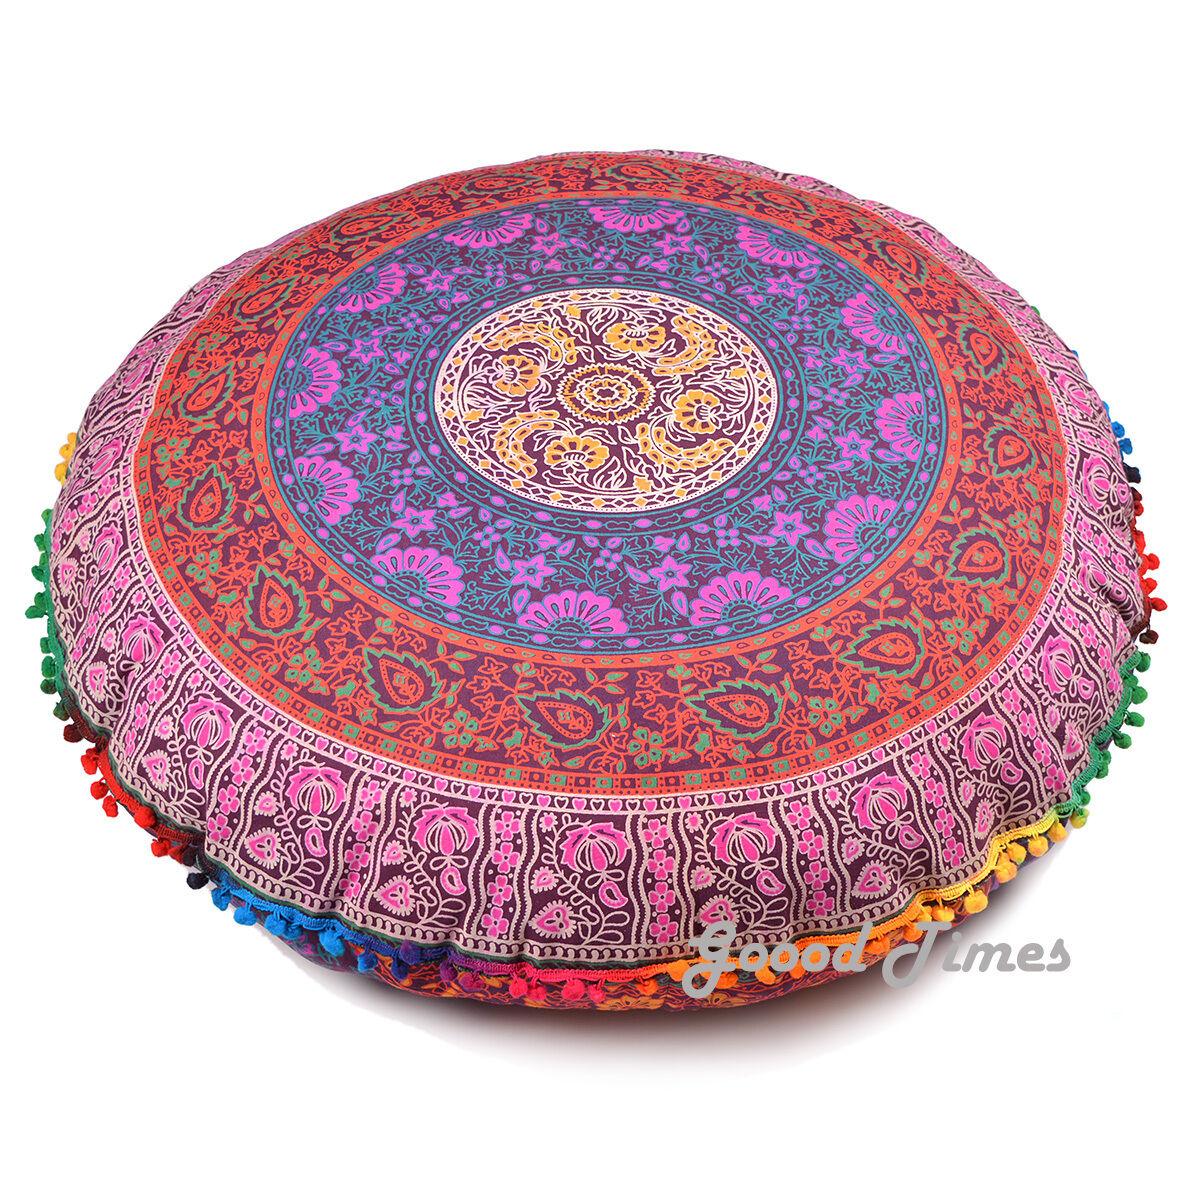 Mandala Round Case Cushion Cover Floor Pillow Bohemian Throw